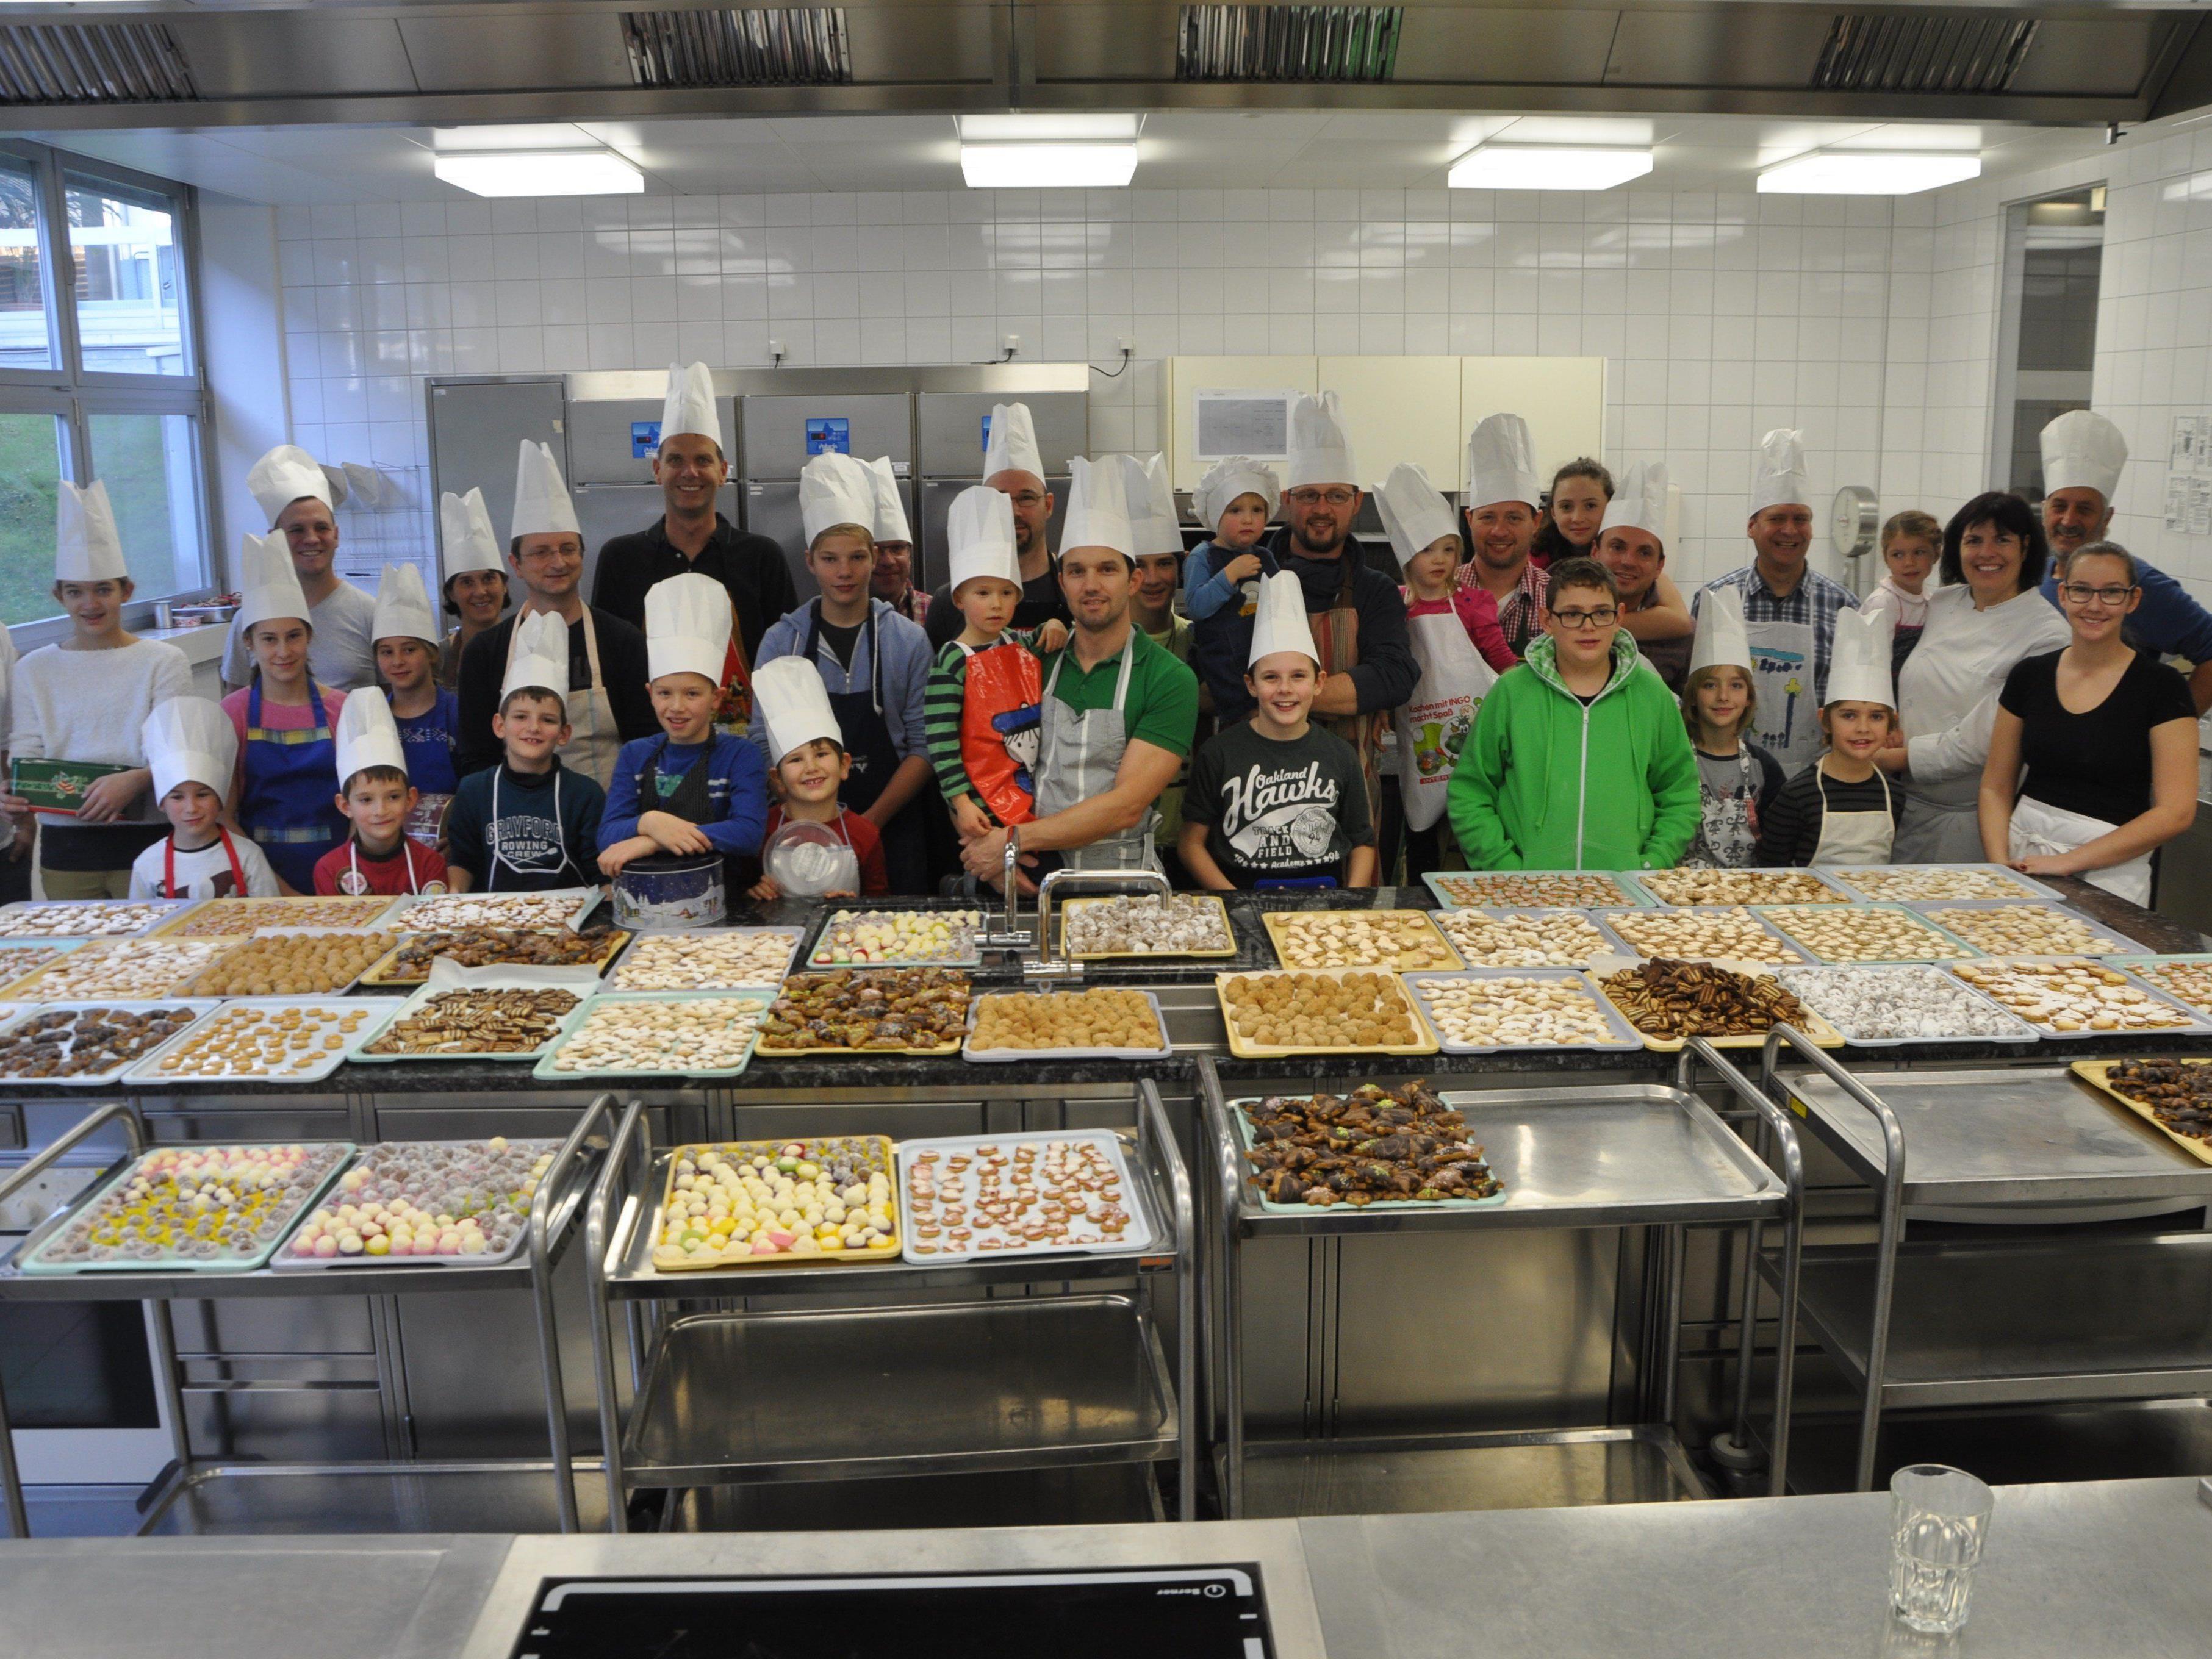 Feine Kekkse gab es in der Rankweiler Weihnachtsbäckerei